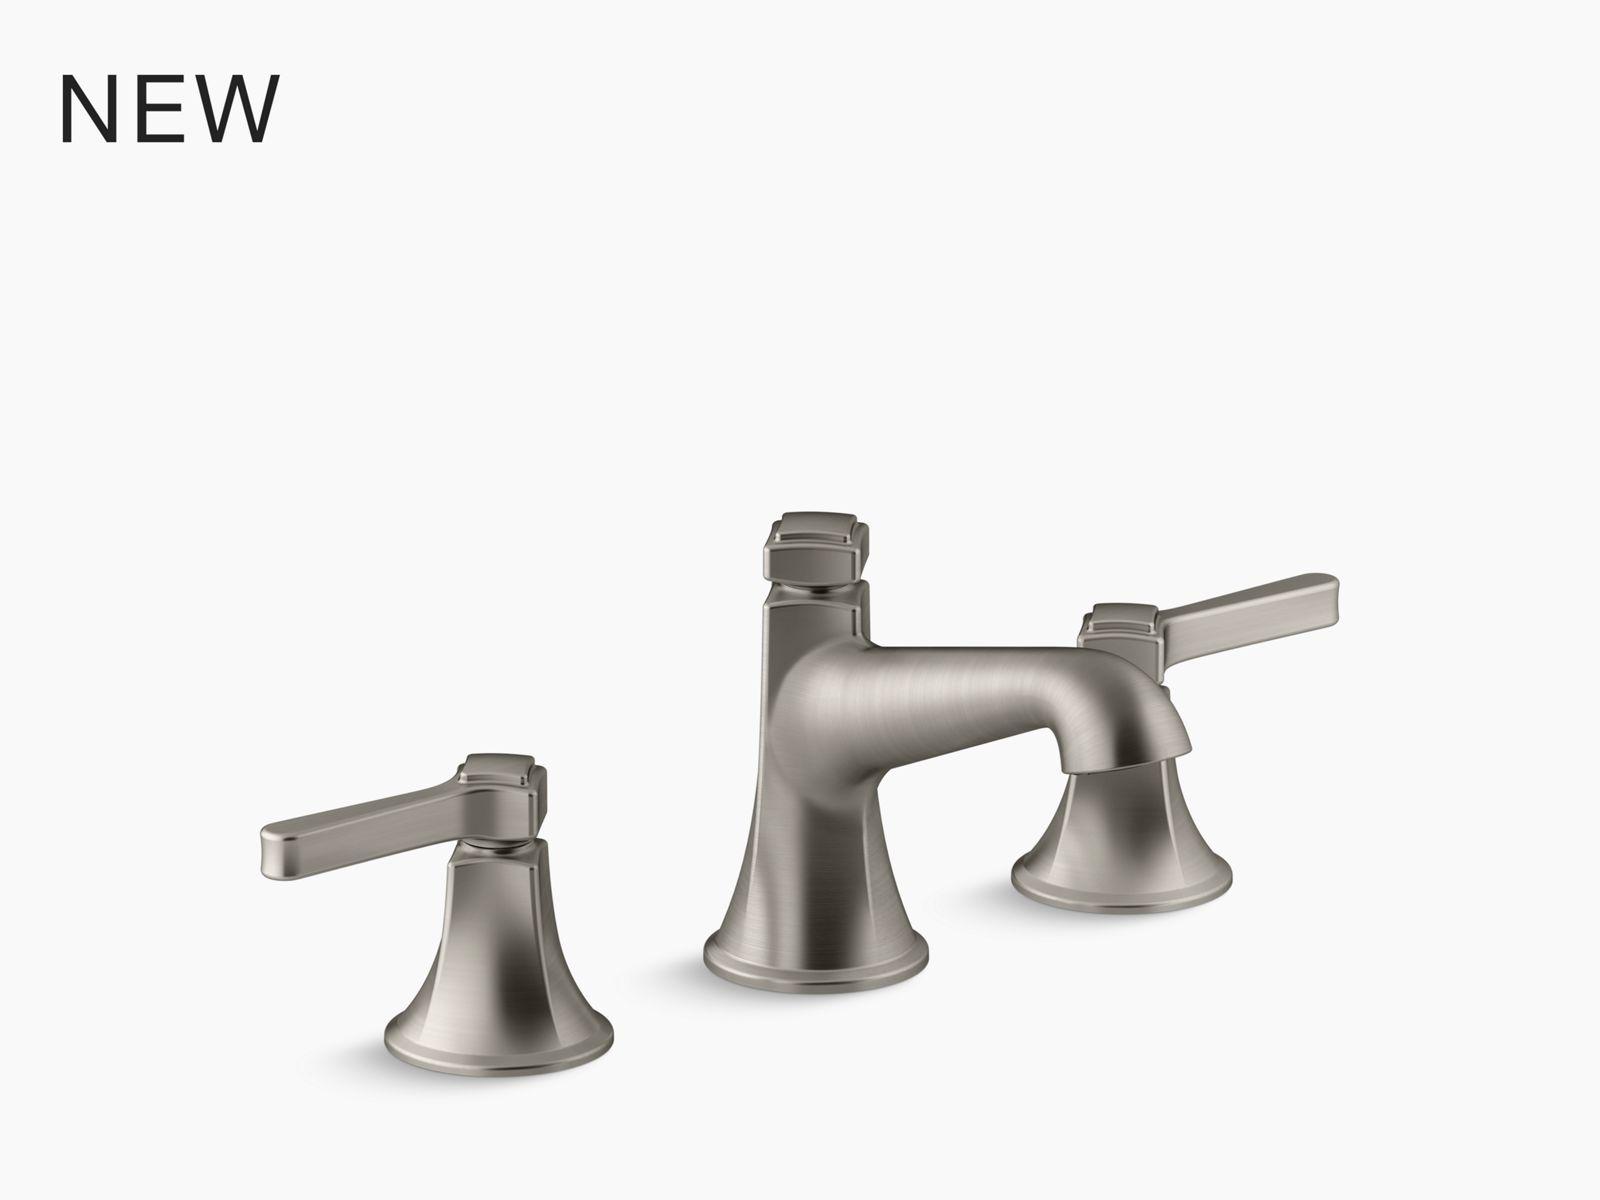 prolific 29 x 17 3 4 x 10 15 16 undermount single bowl workstation kitchen sink with accessories